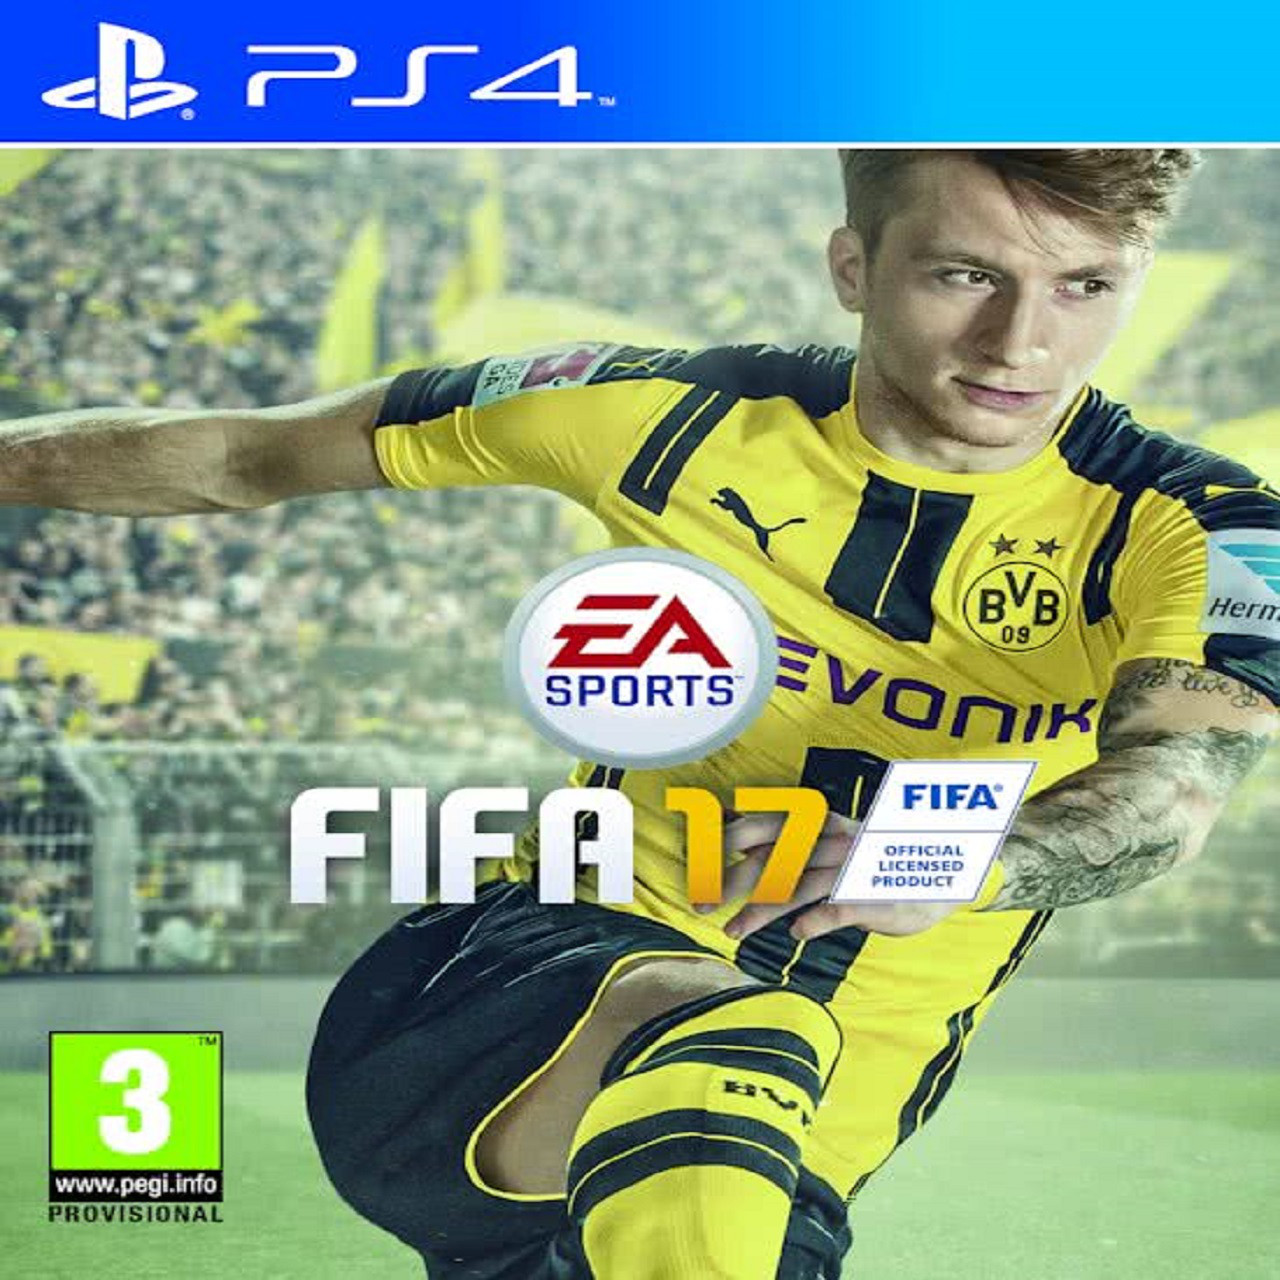 Fifa 17 RUS PS4 (Б/В)